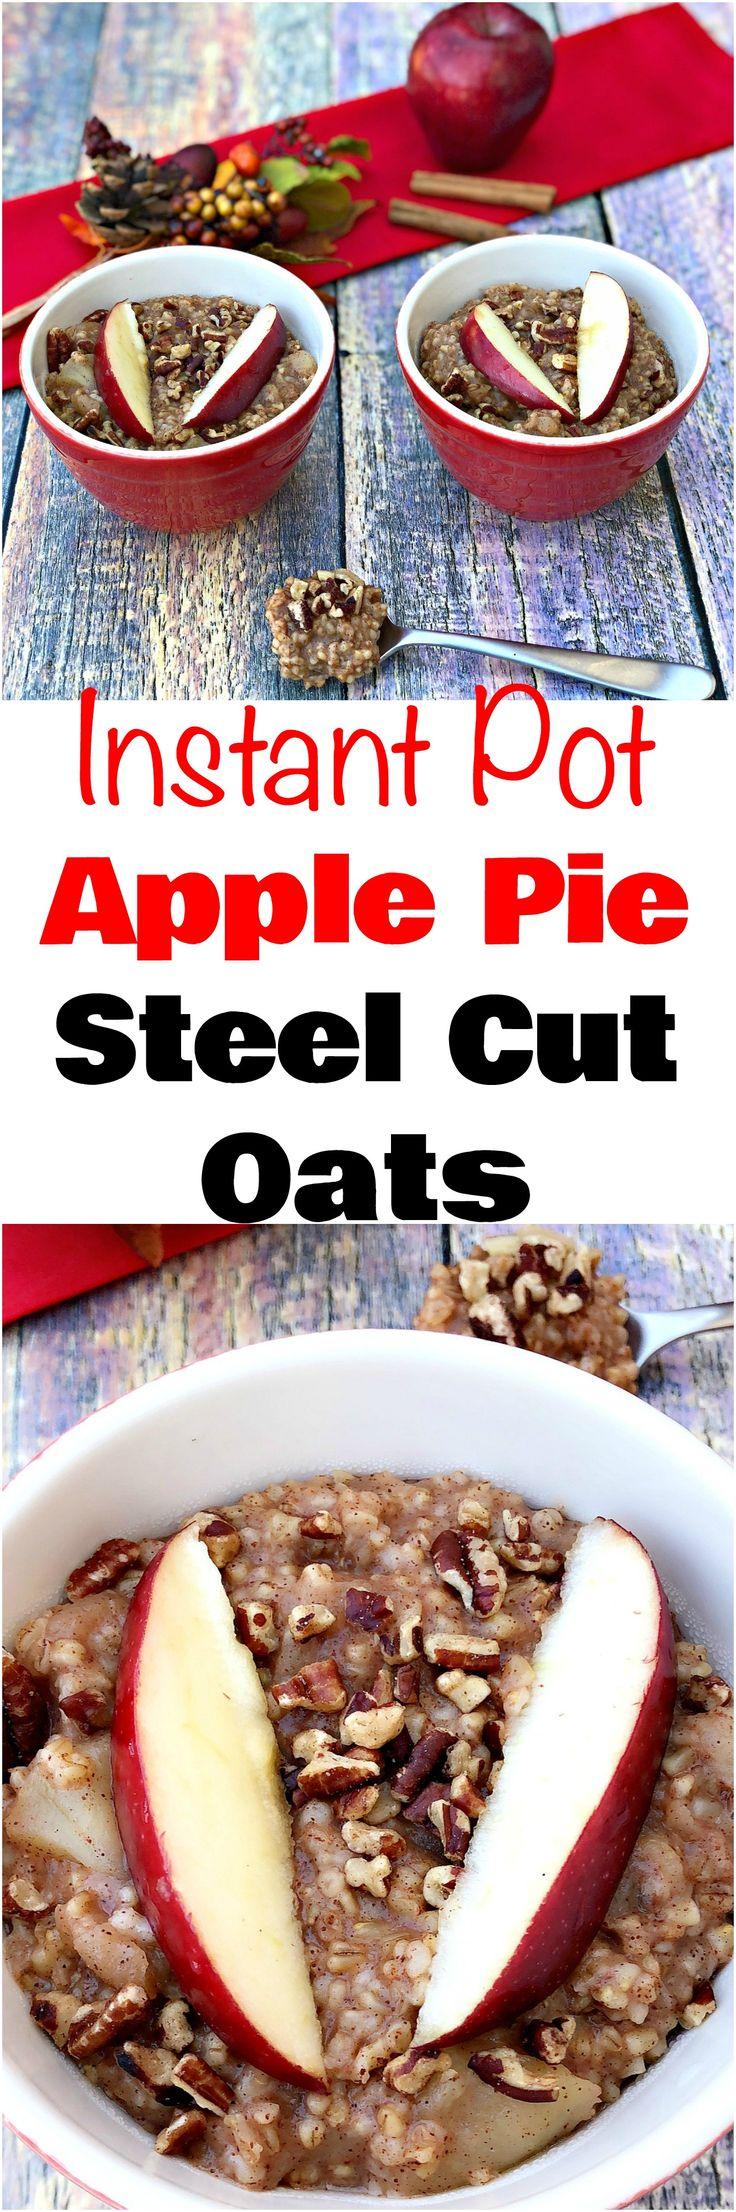 Instant Pot Apple Pie Steel Cut Oats Oatmeal